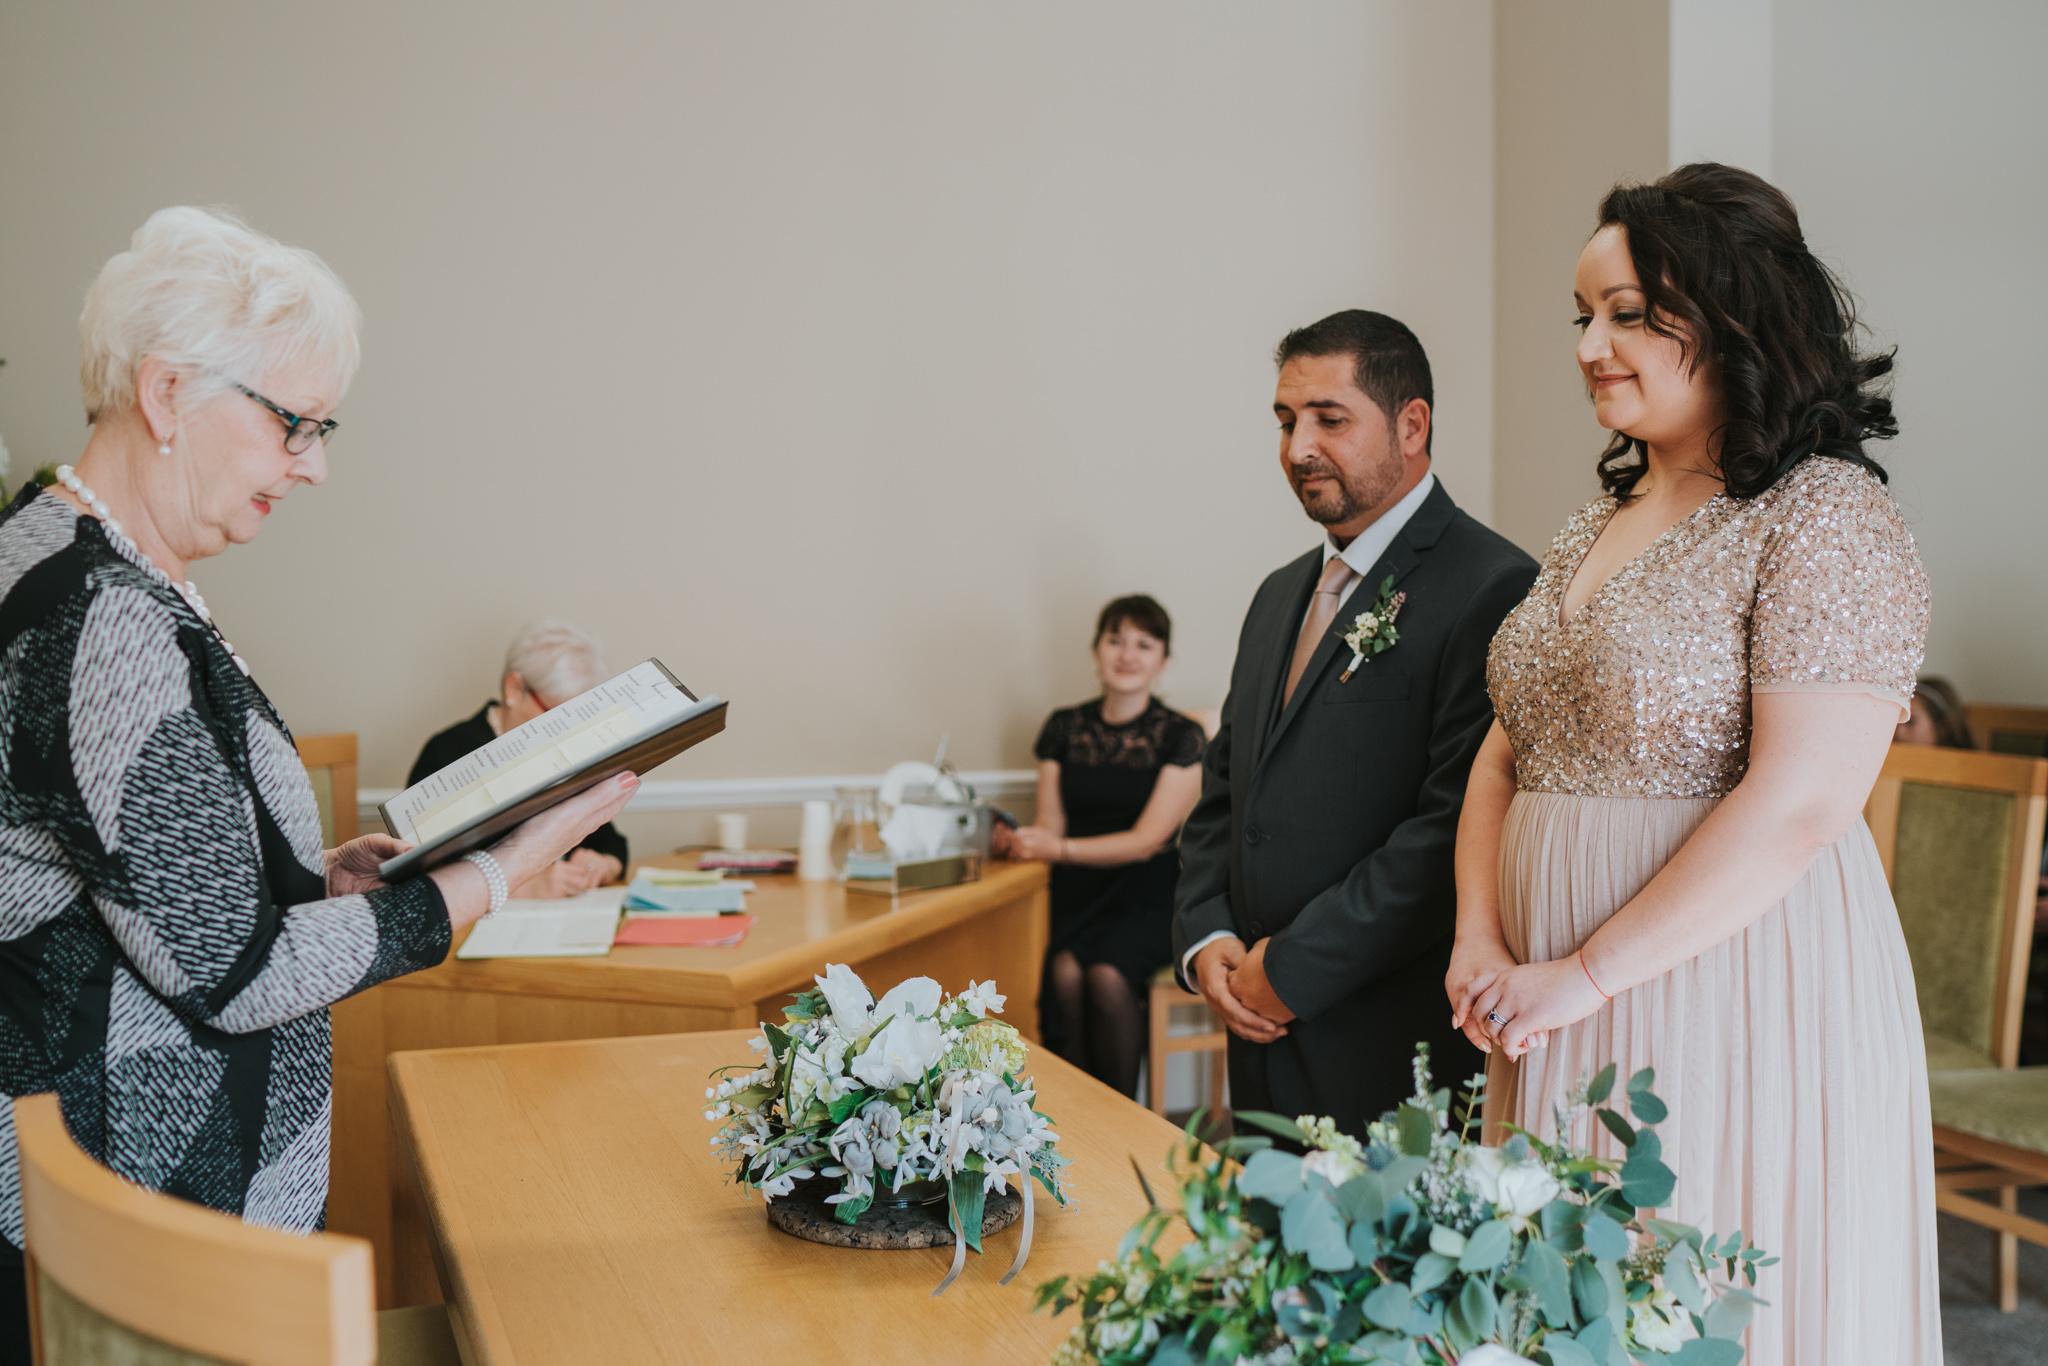 yuliya-yafith-colchester-essex-woodland-elopement-alternative-wedding-photographer-grace-elizabeth-essex-suffolk-norfolk-devon (32 of 40).jpg